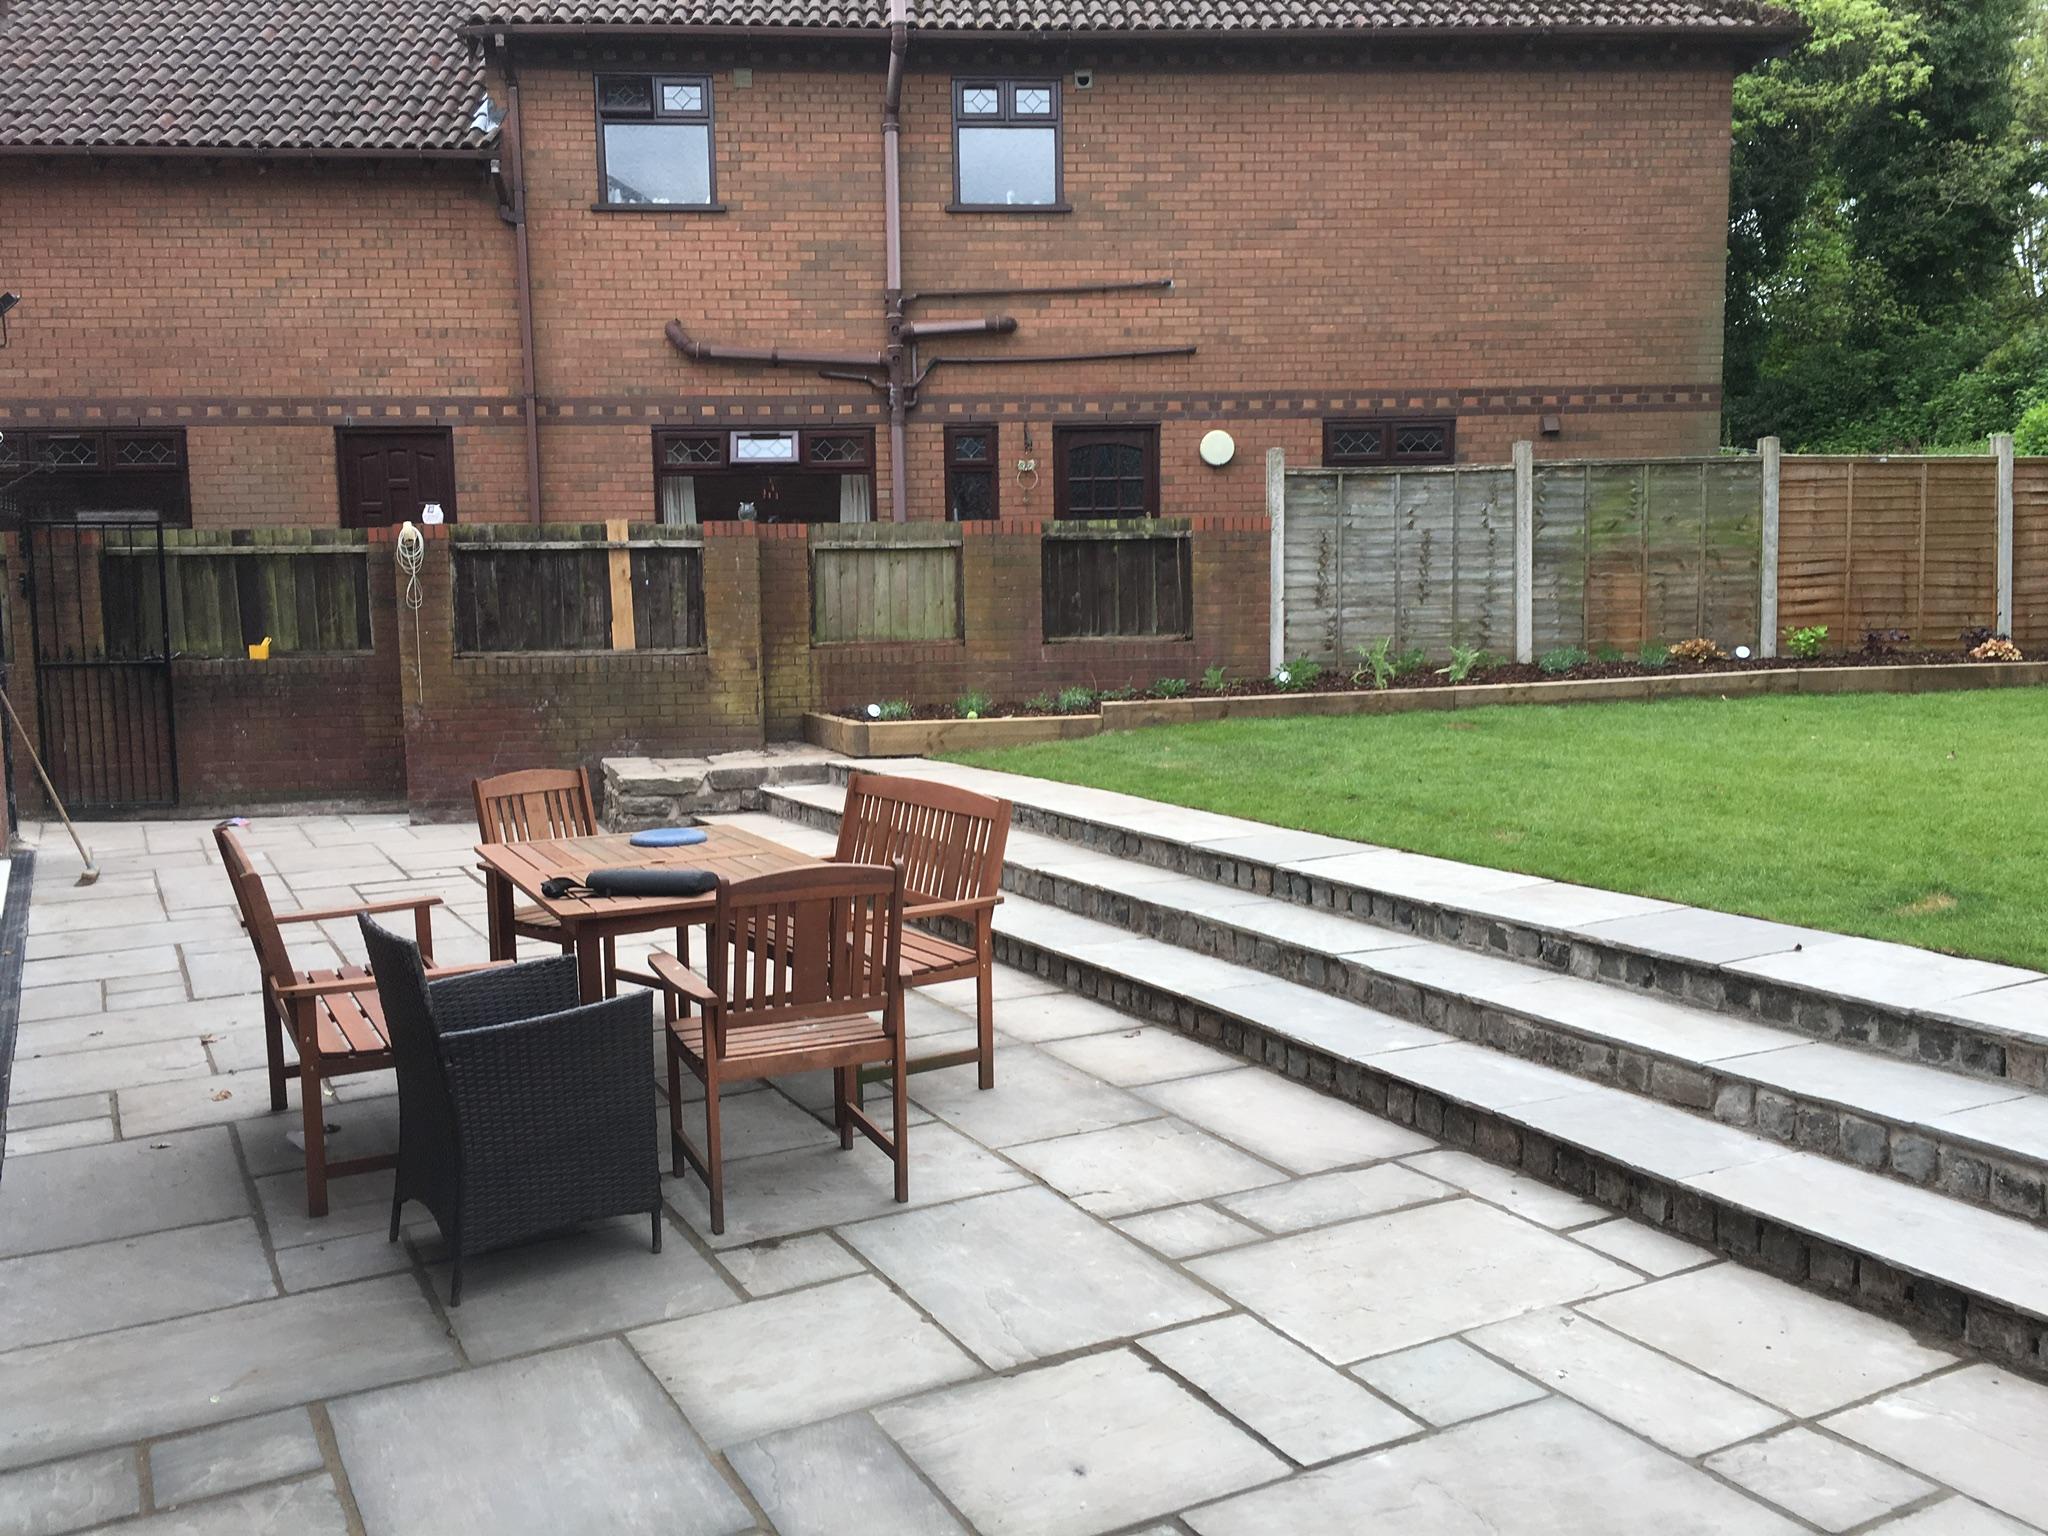 new patio area in garden